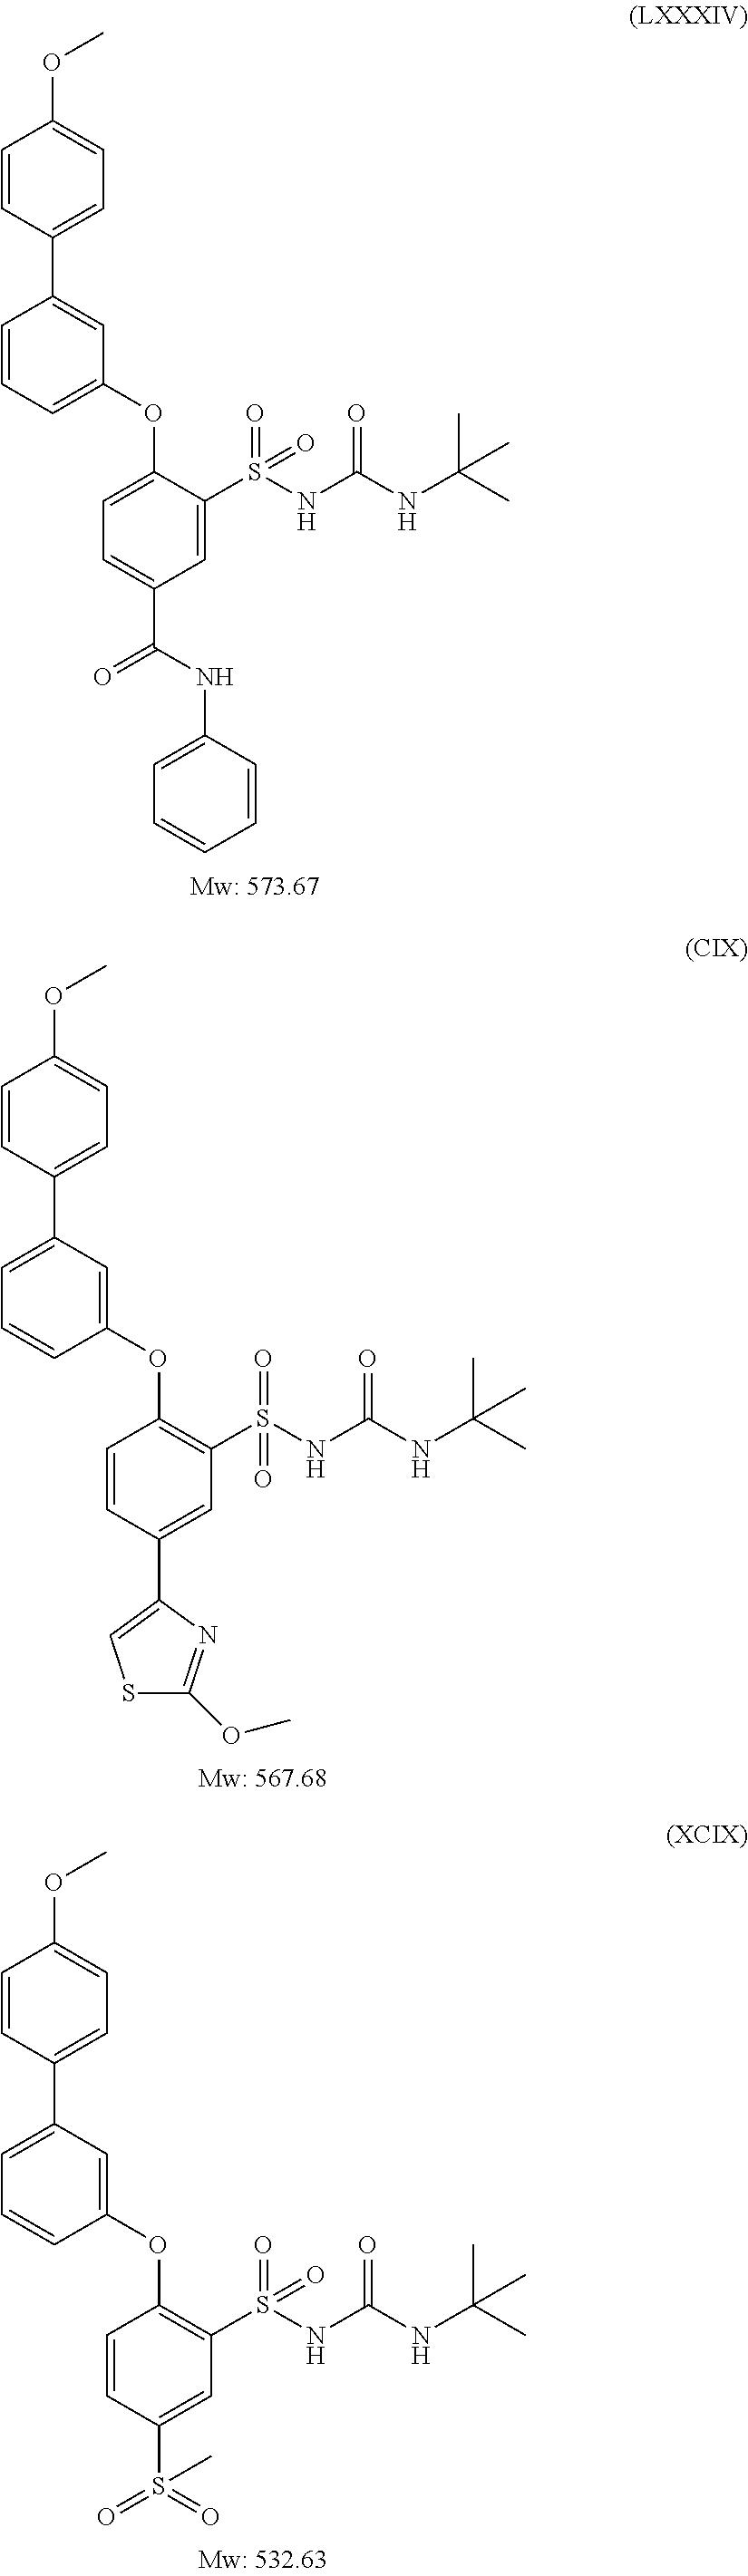 Figure US09718781-20170801-C00128